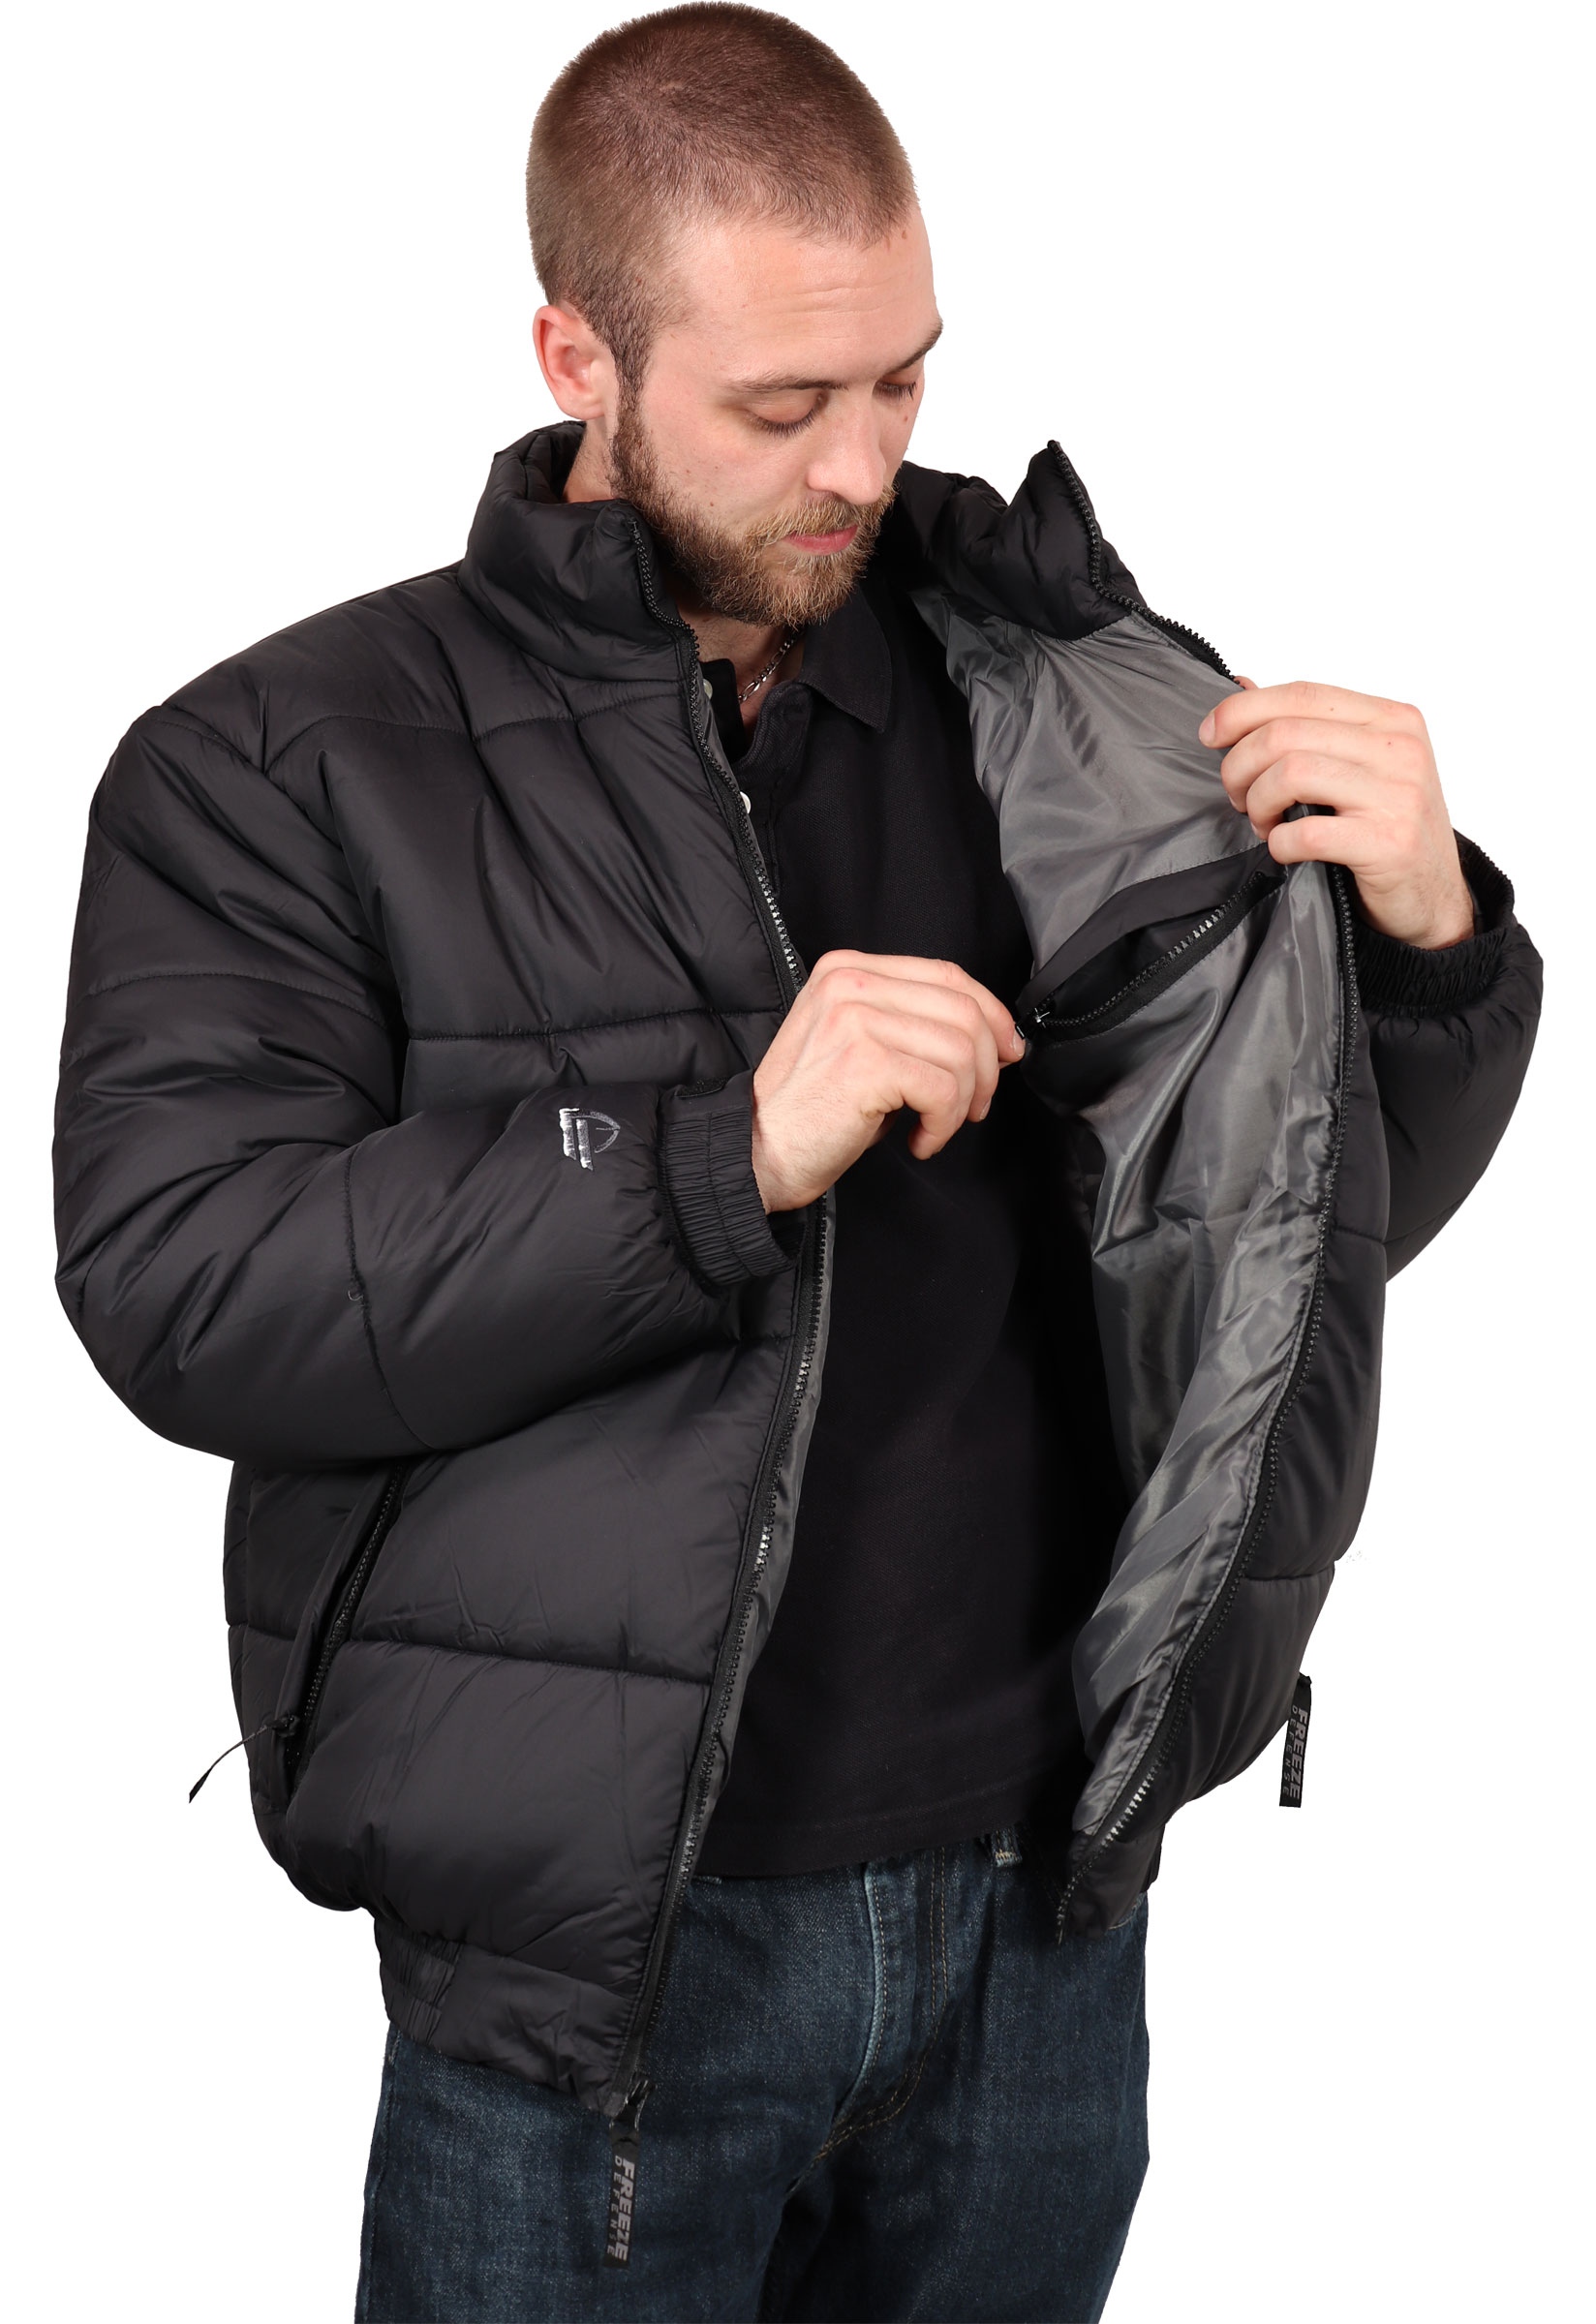 c27c557f6be8 Buy Your Warm Freeze Defense Men s Down Alternative Winter Jacket Coat